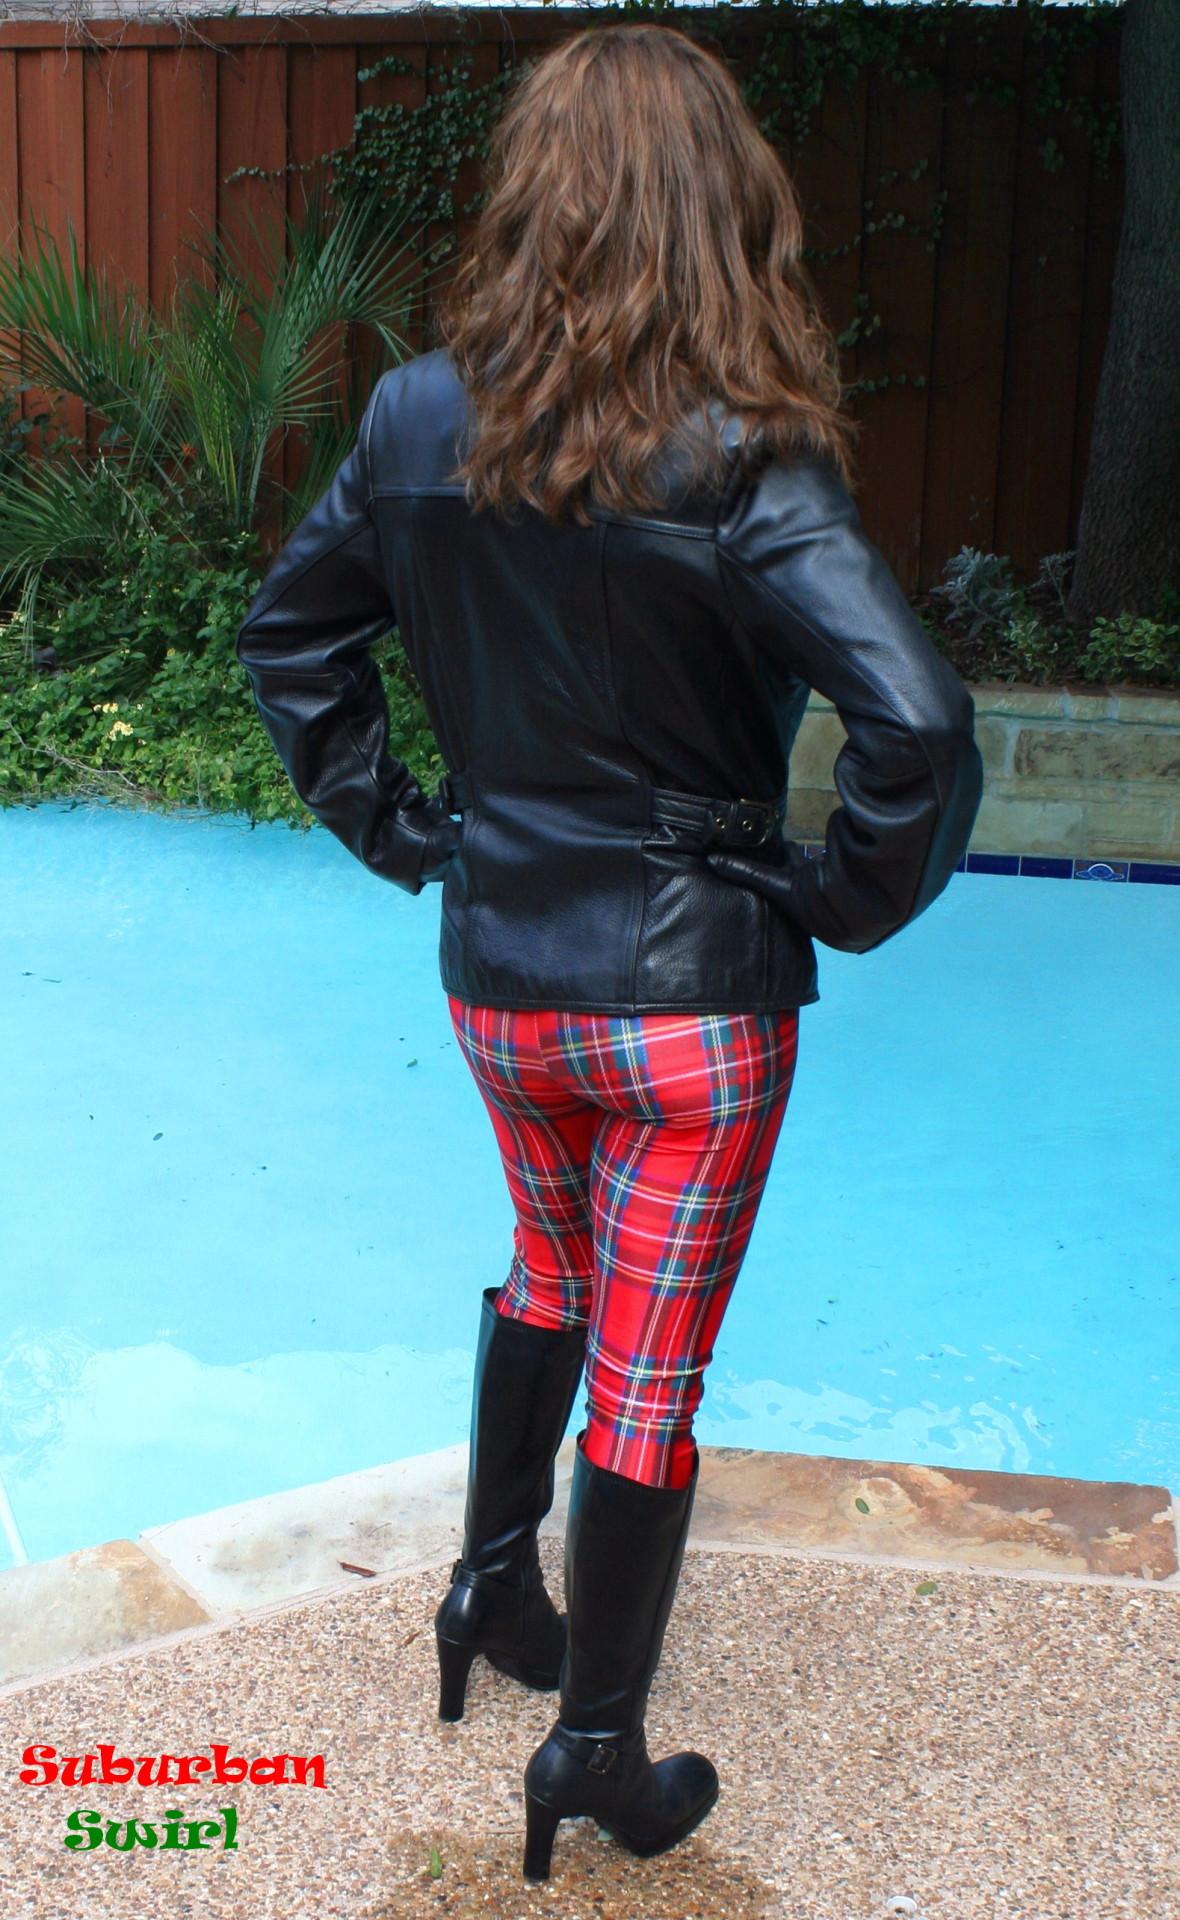 Long Riding Skirt Boots